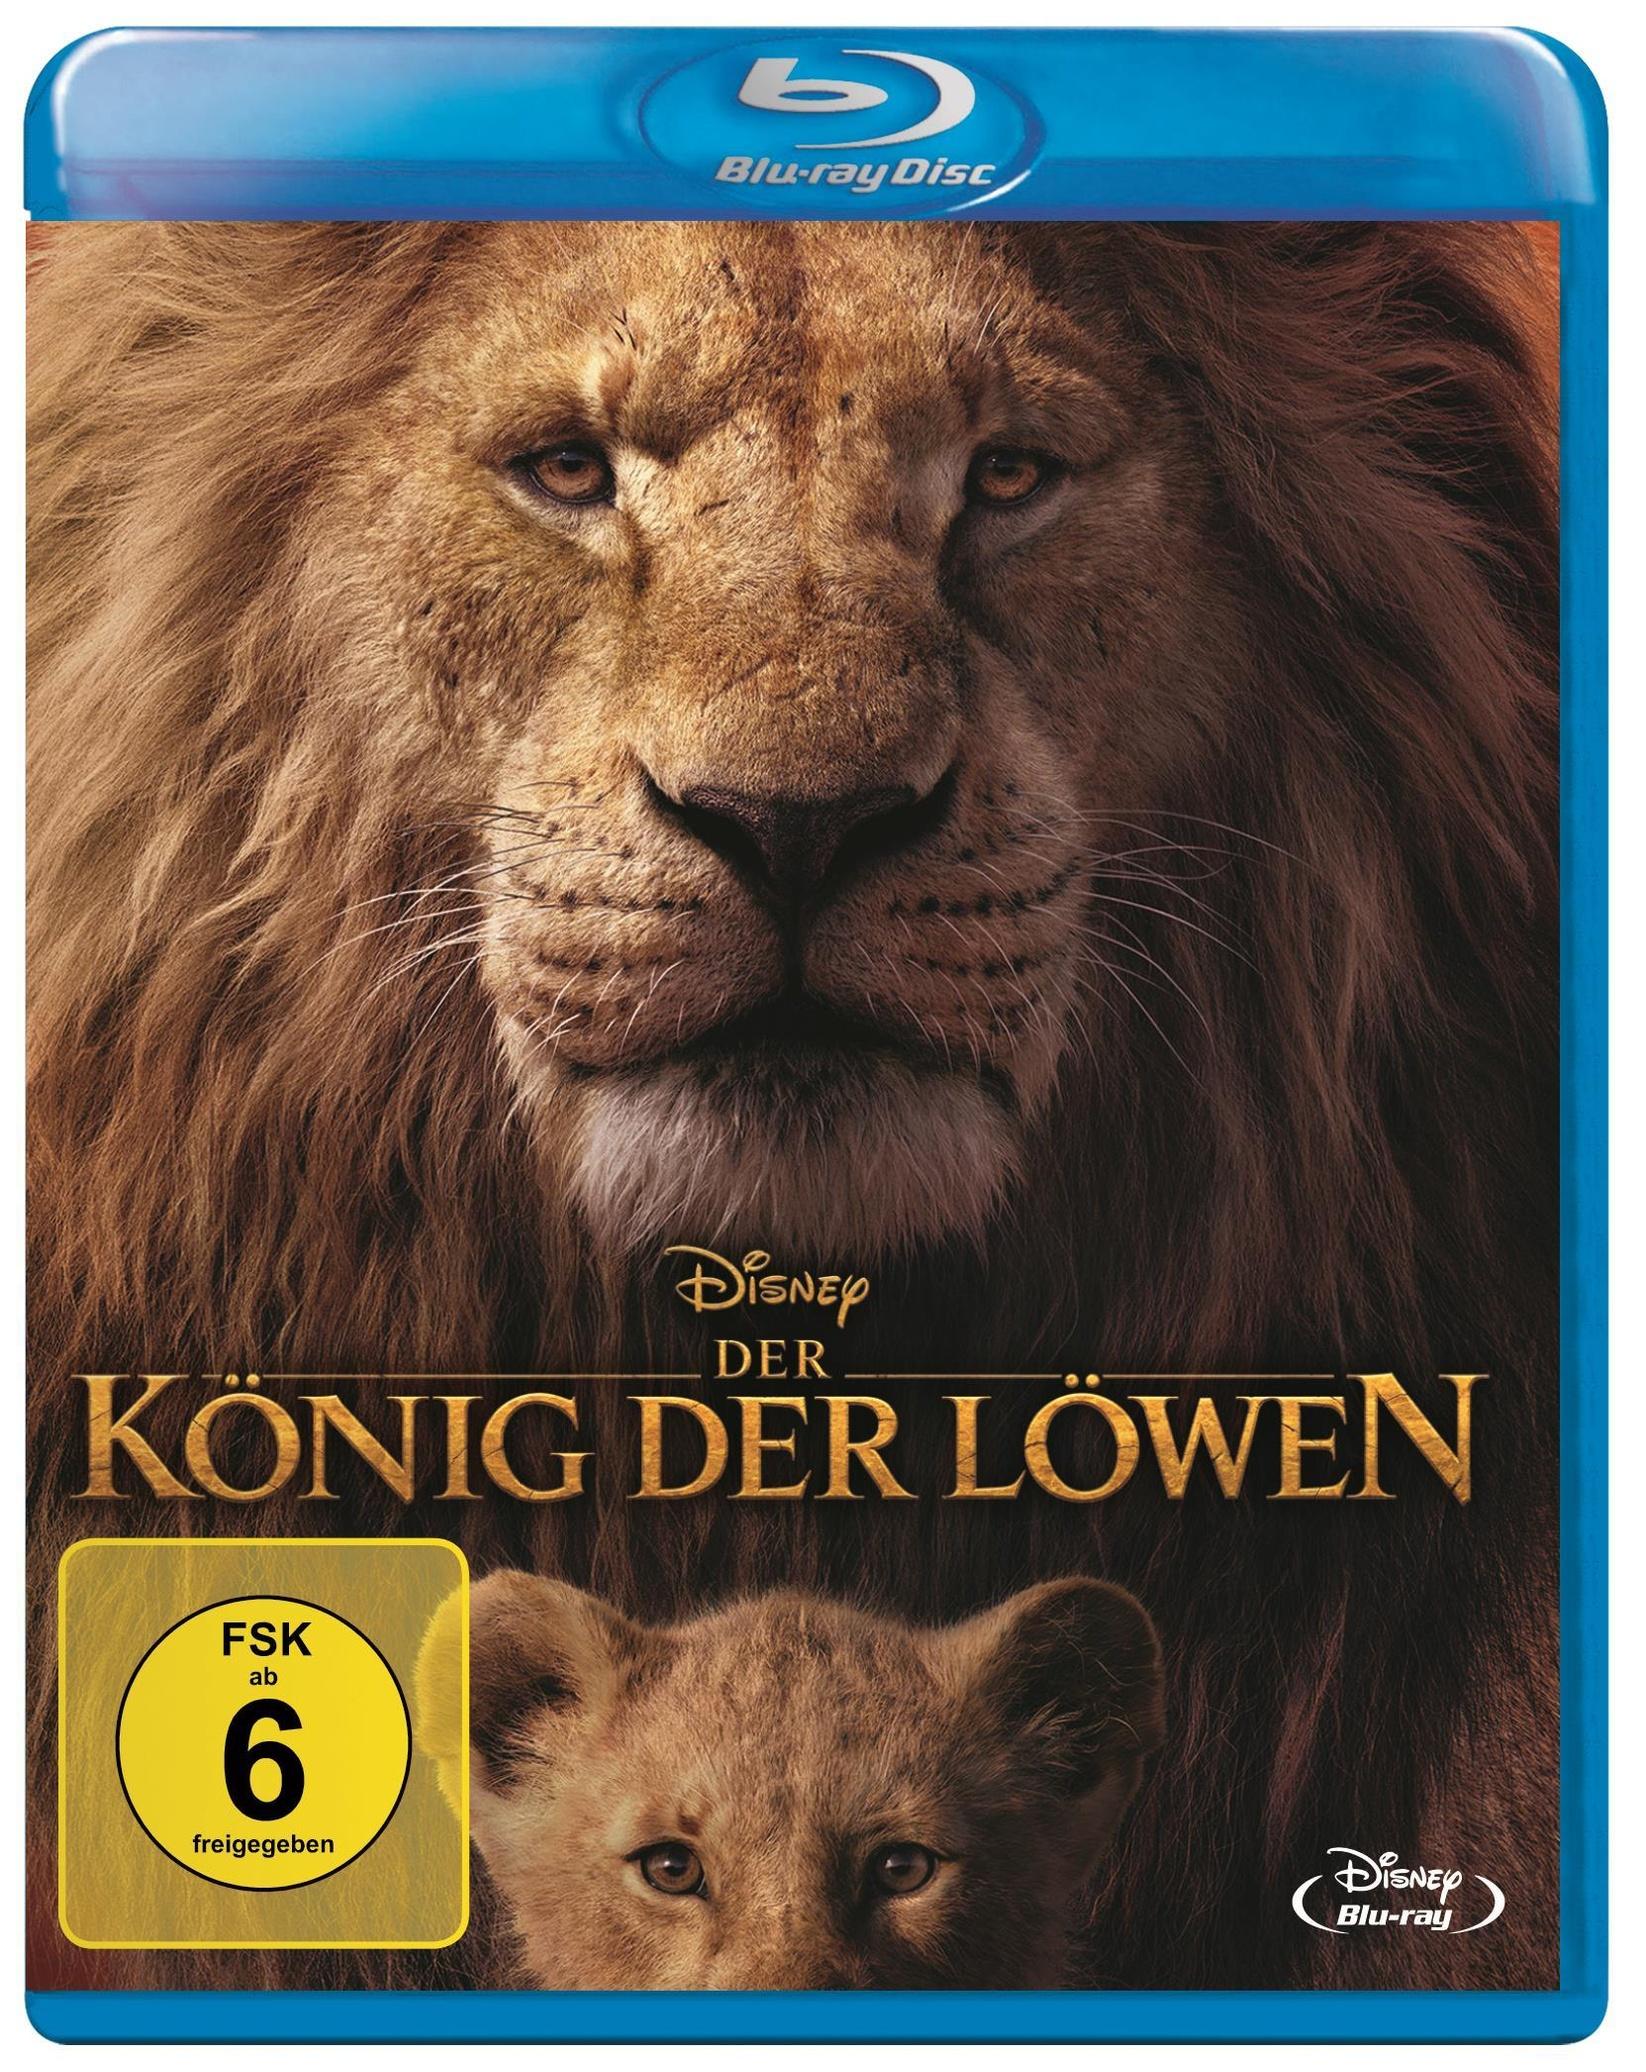 Der König der Löwen 2019 Blu-ray bei Weltbild.de kaufen